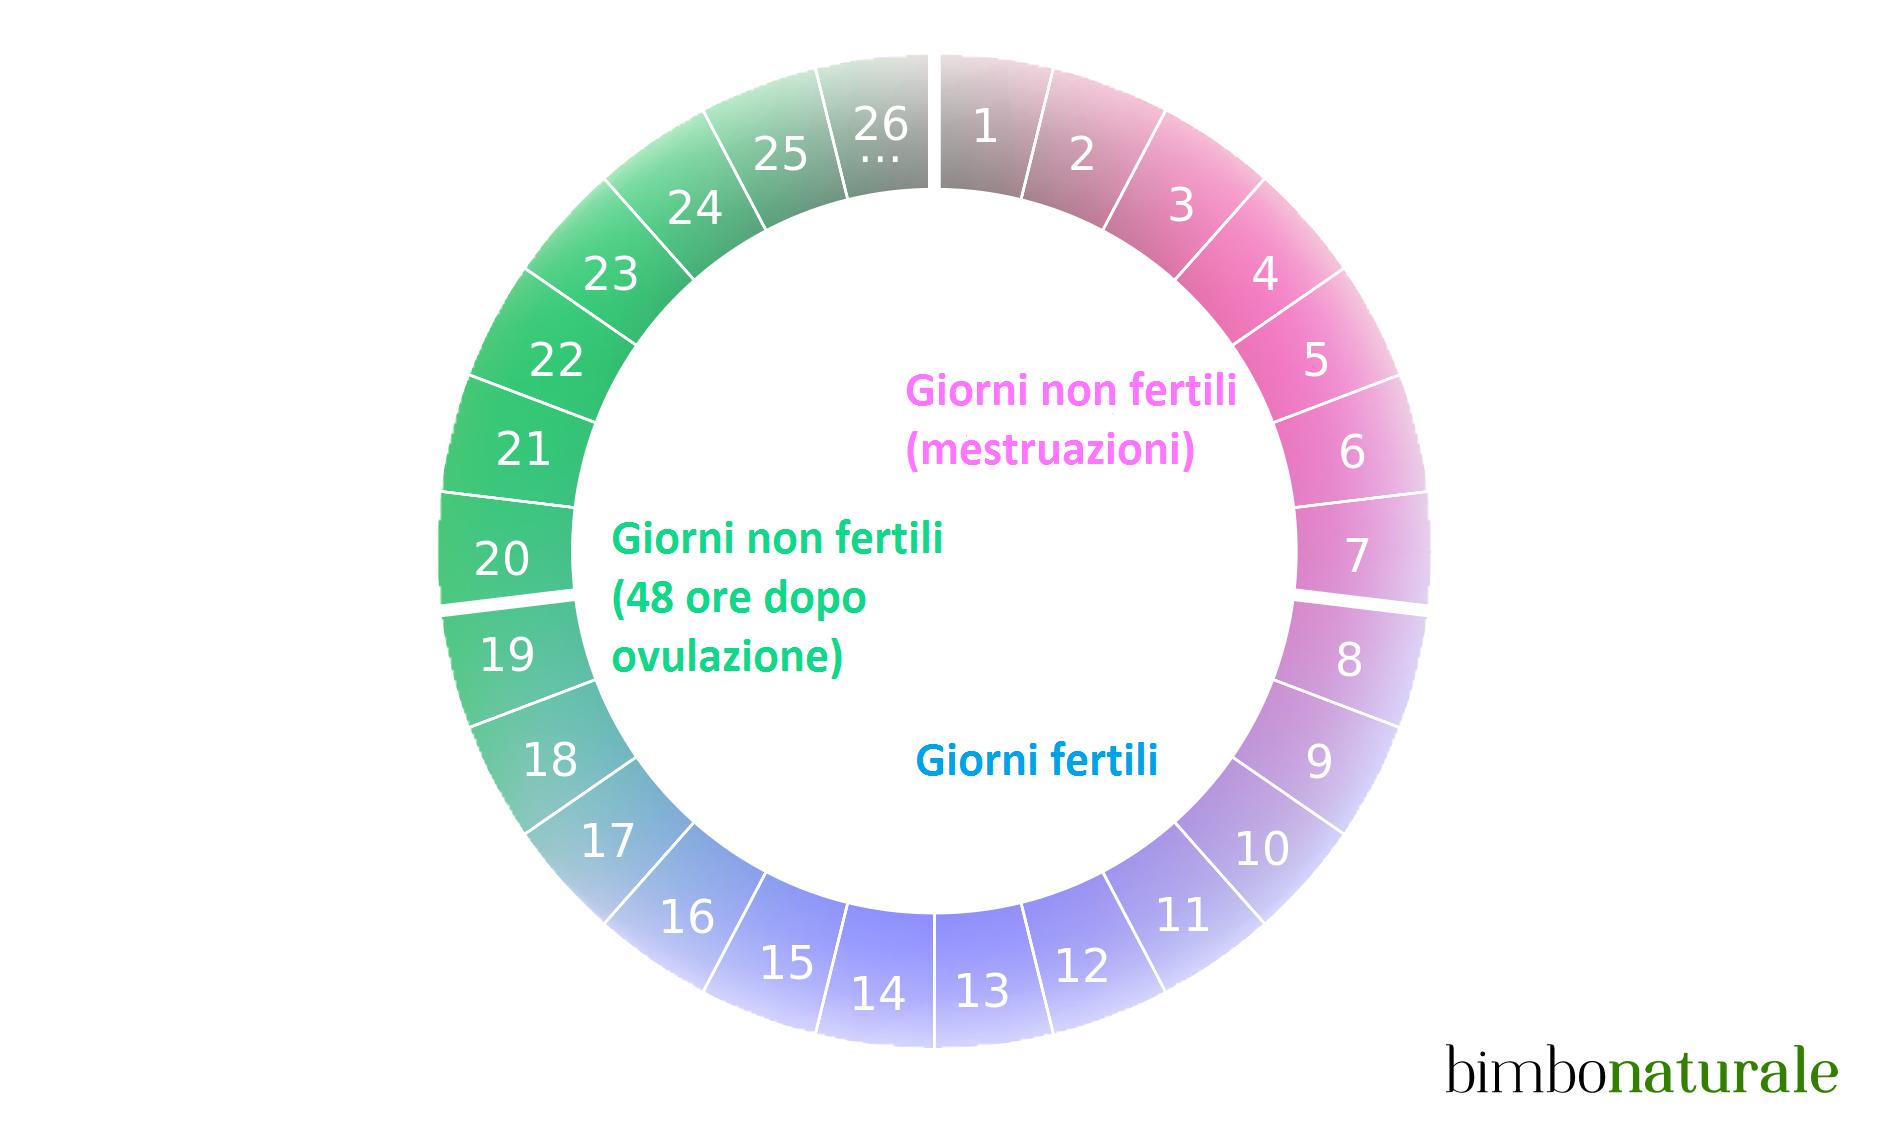 Come funziona il ciclo mestruale calcola i giorni fertili e il periodo dell ovulazione - Sensazione di bagnato prima del ciclo o gravidanza ...